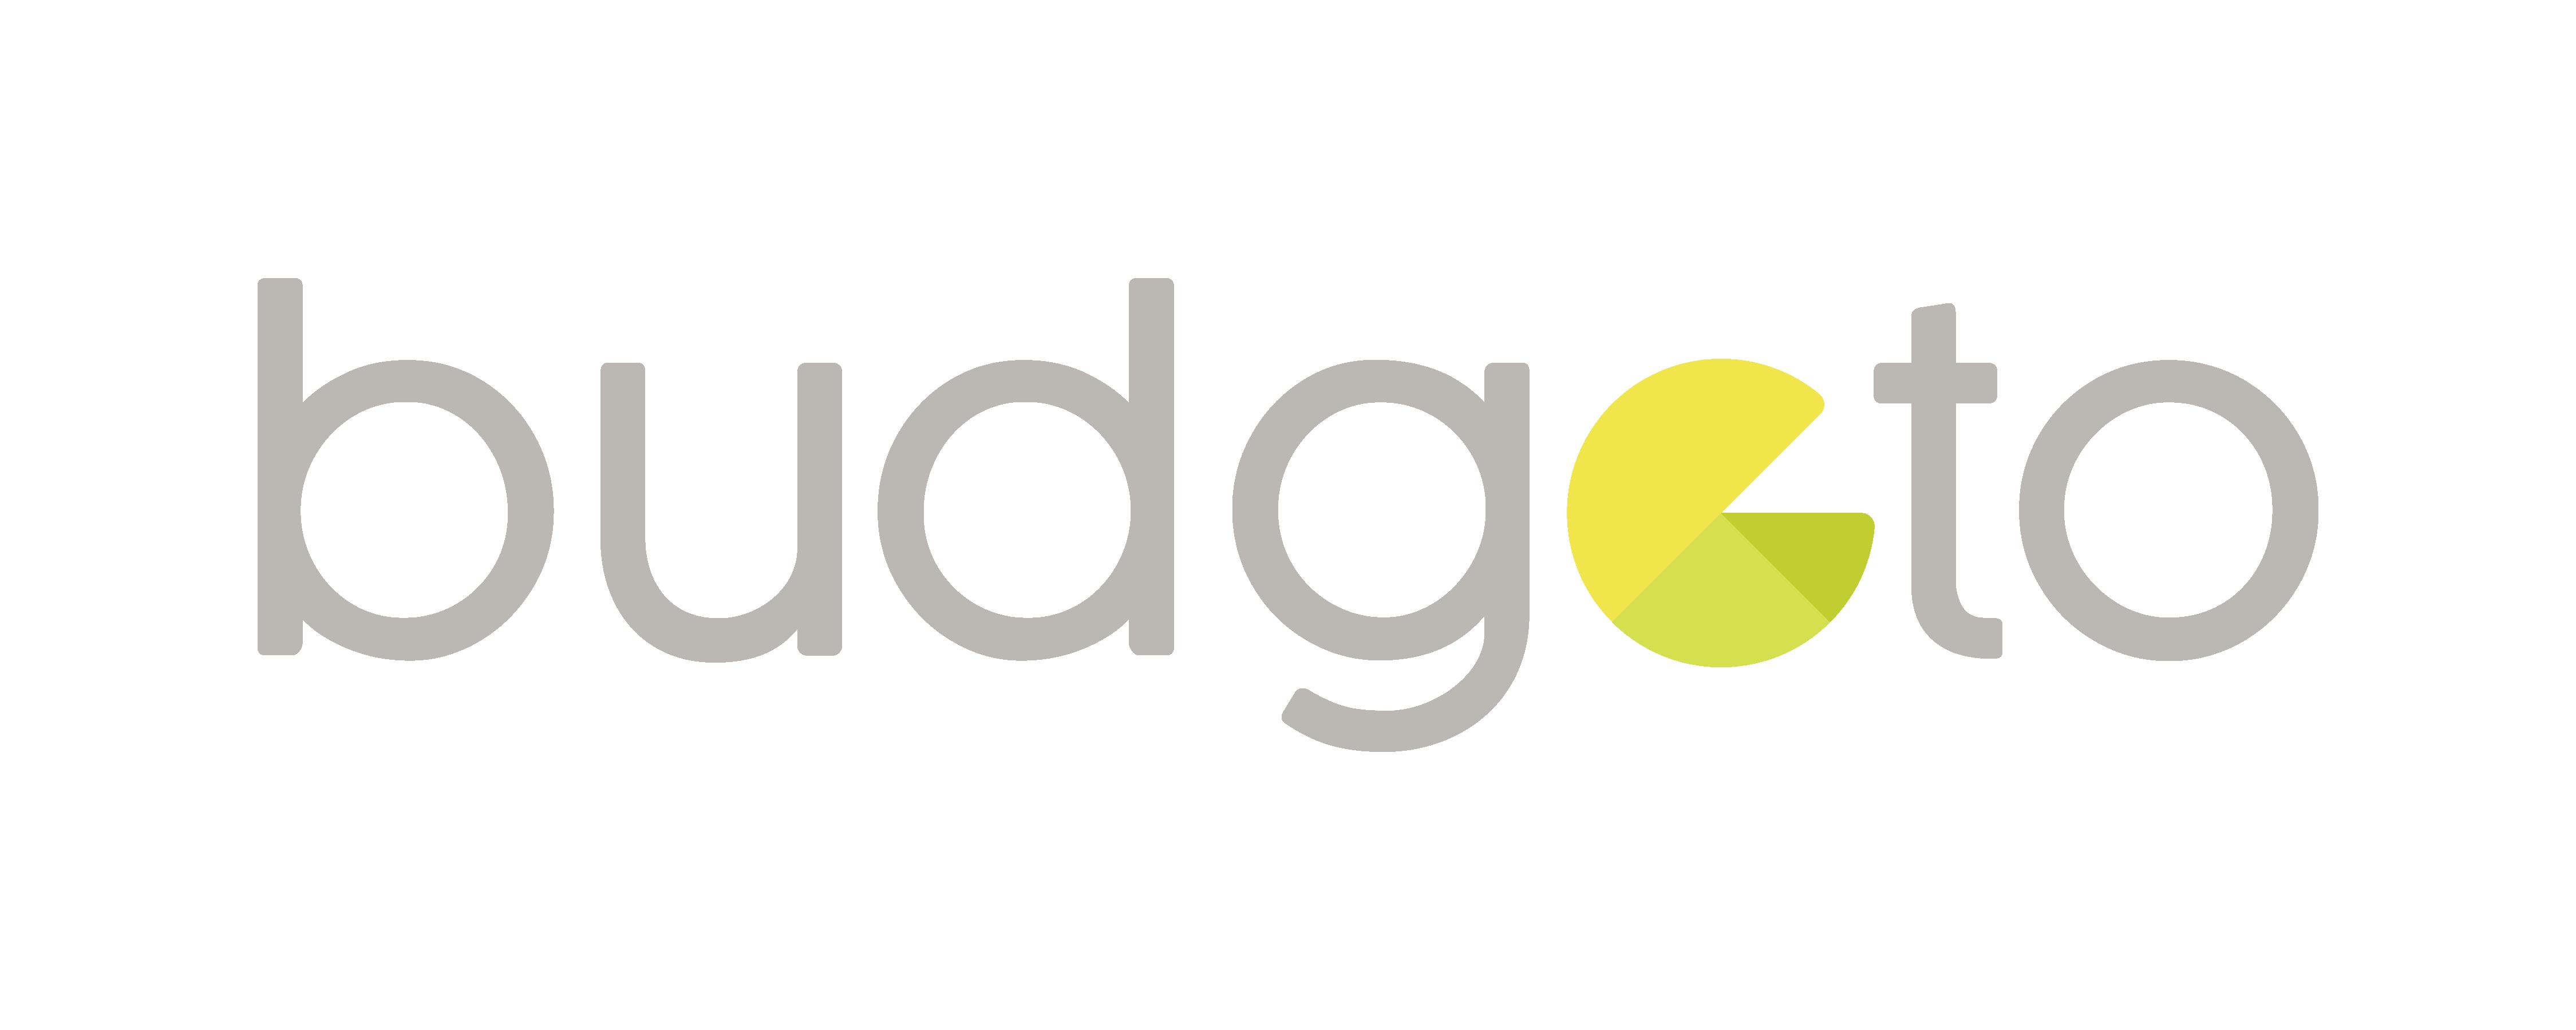 Budgeto